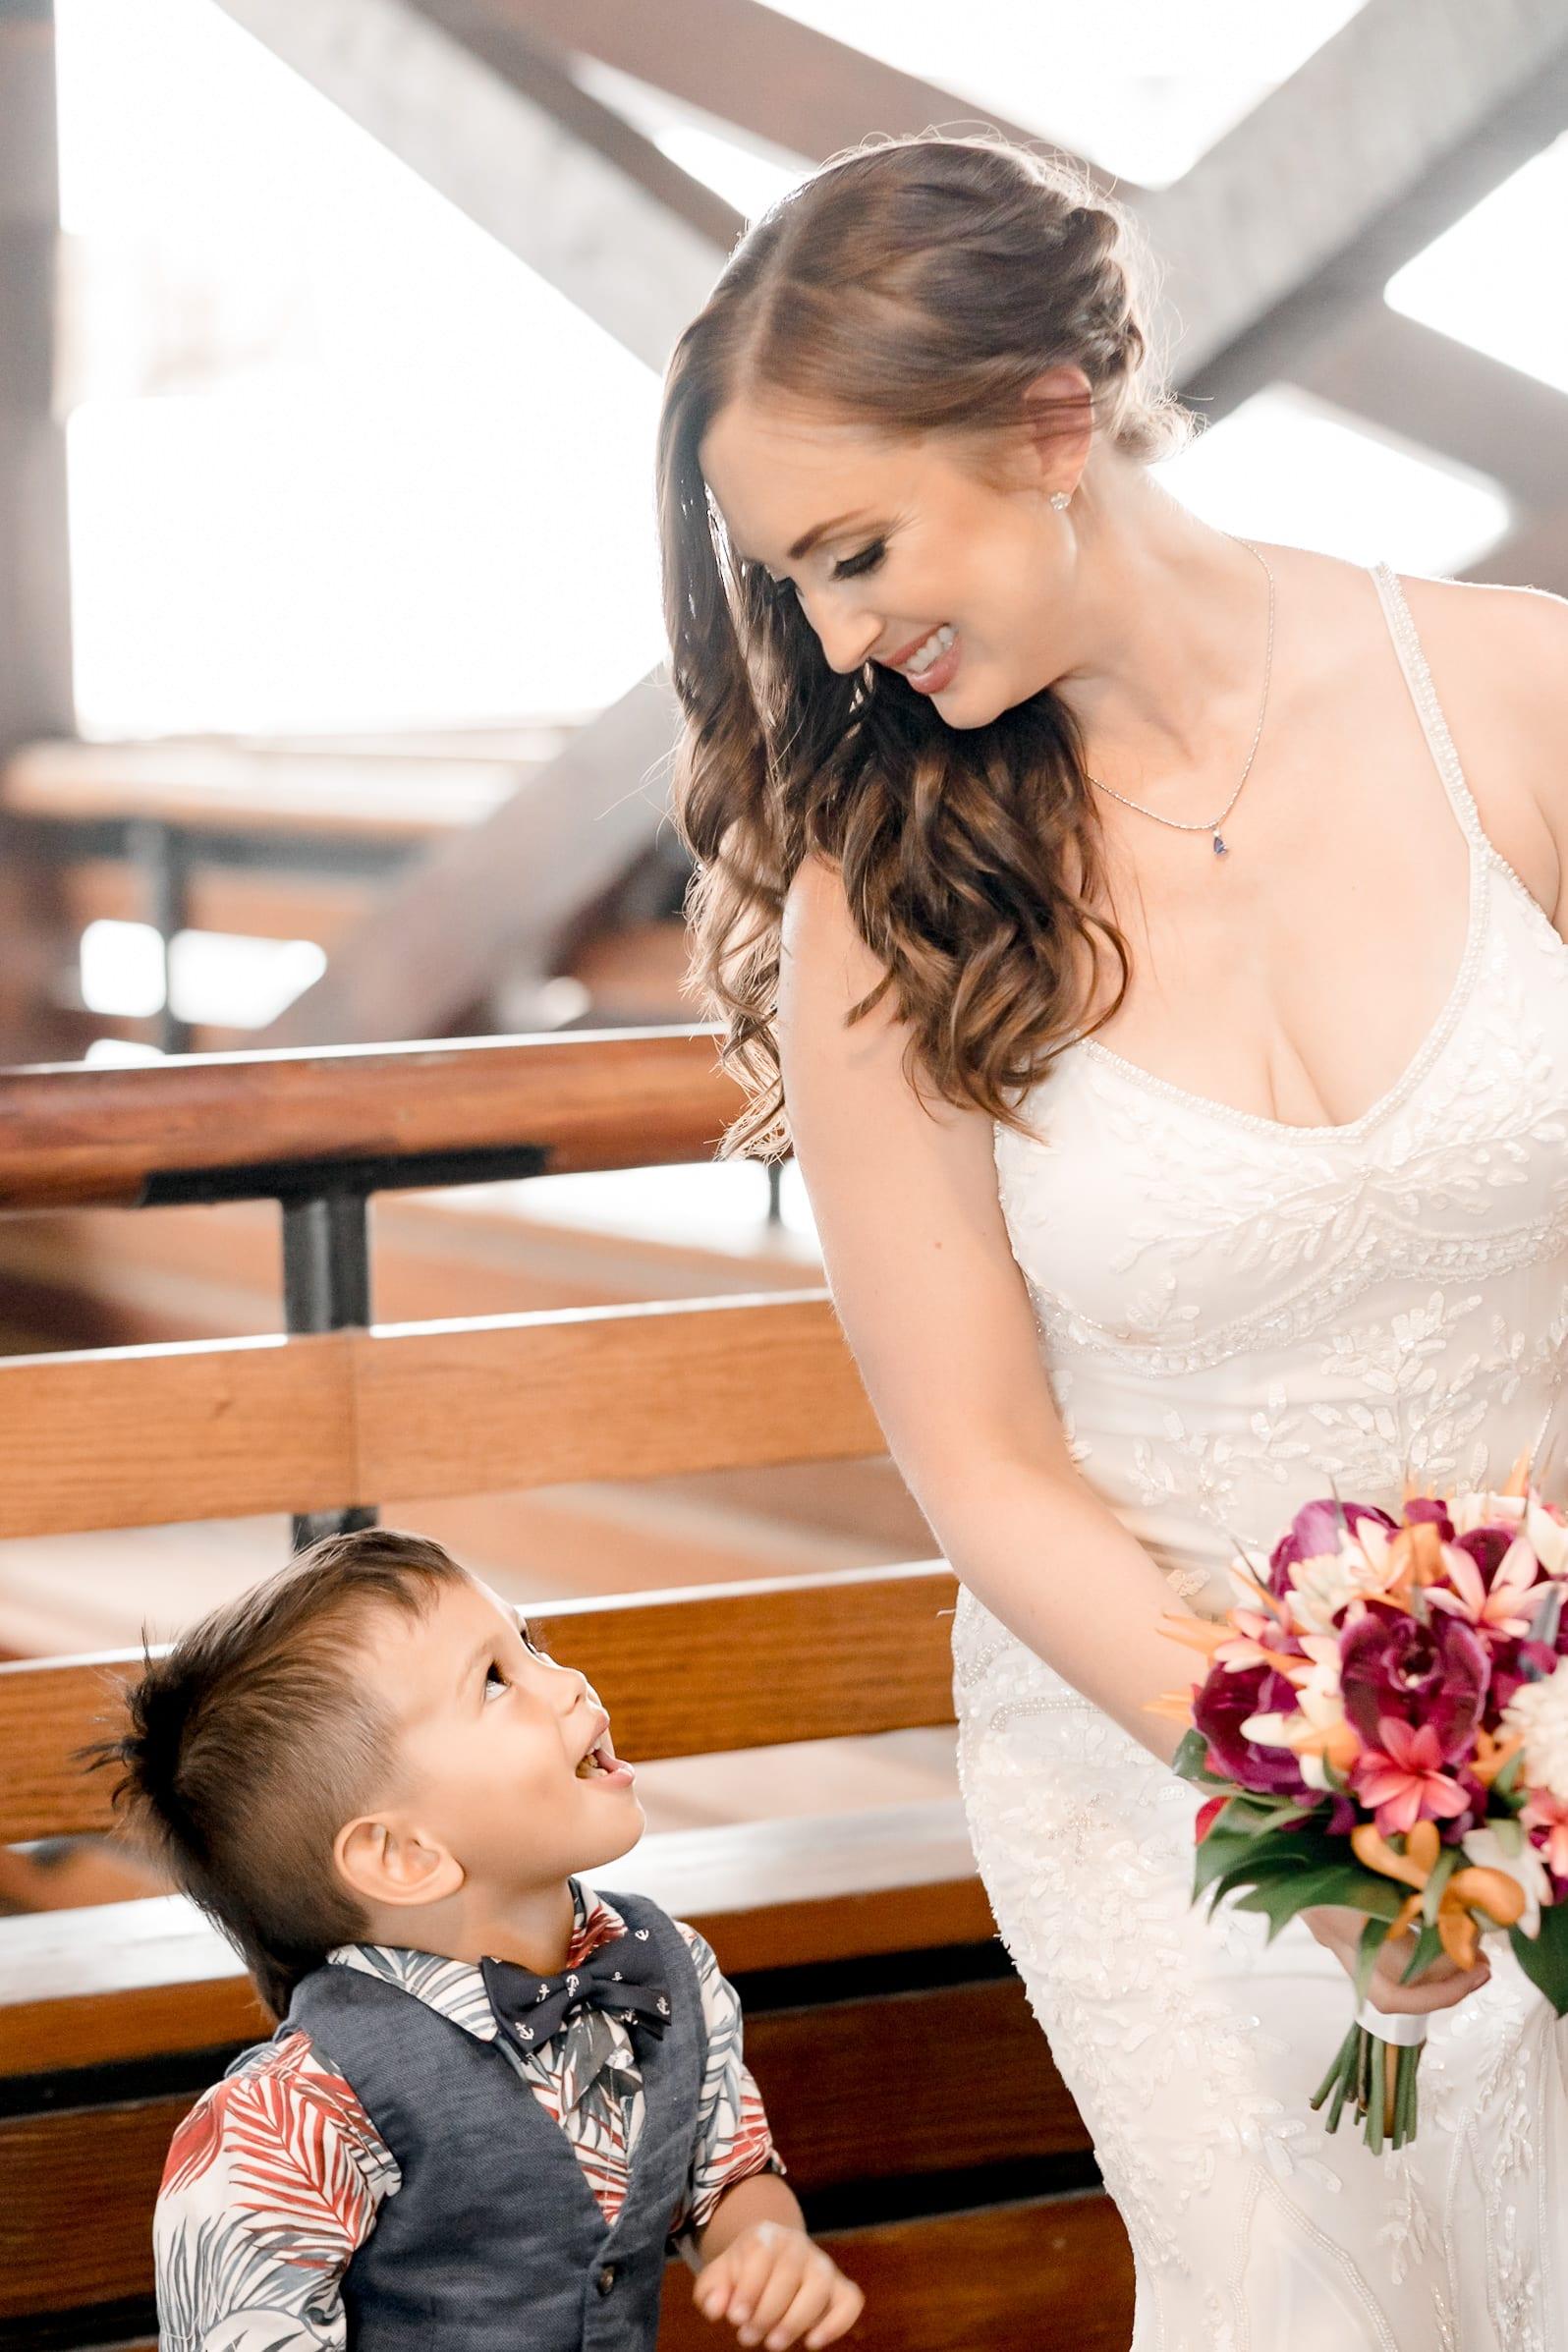 Big-Island-Hawaii-Jade-Keyes-Derrick-Alig-Daylight-Mind-Kailua-Kona-Hawaii-Wedding9.jpg